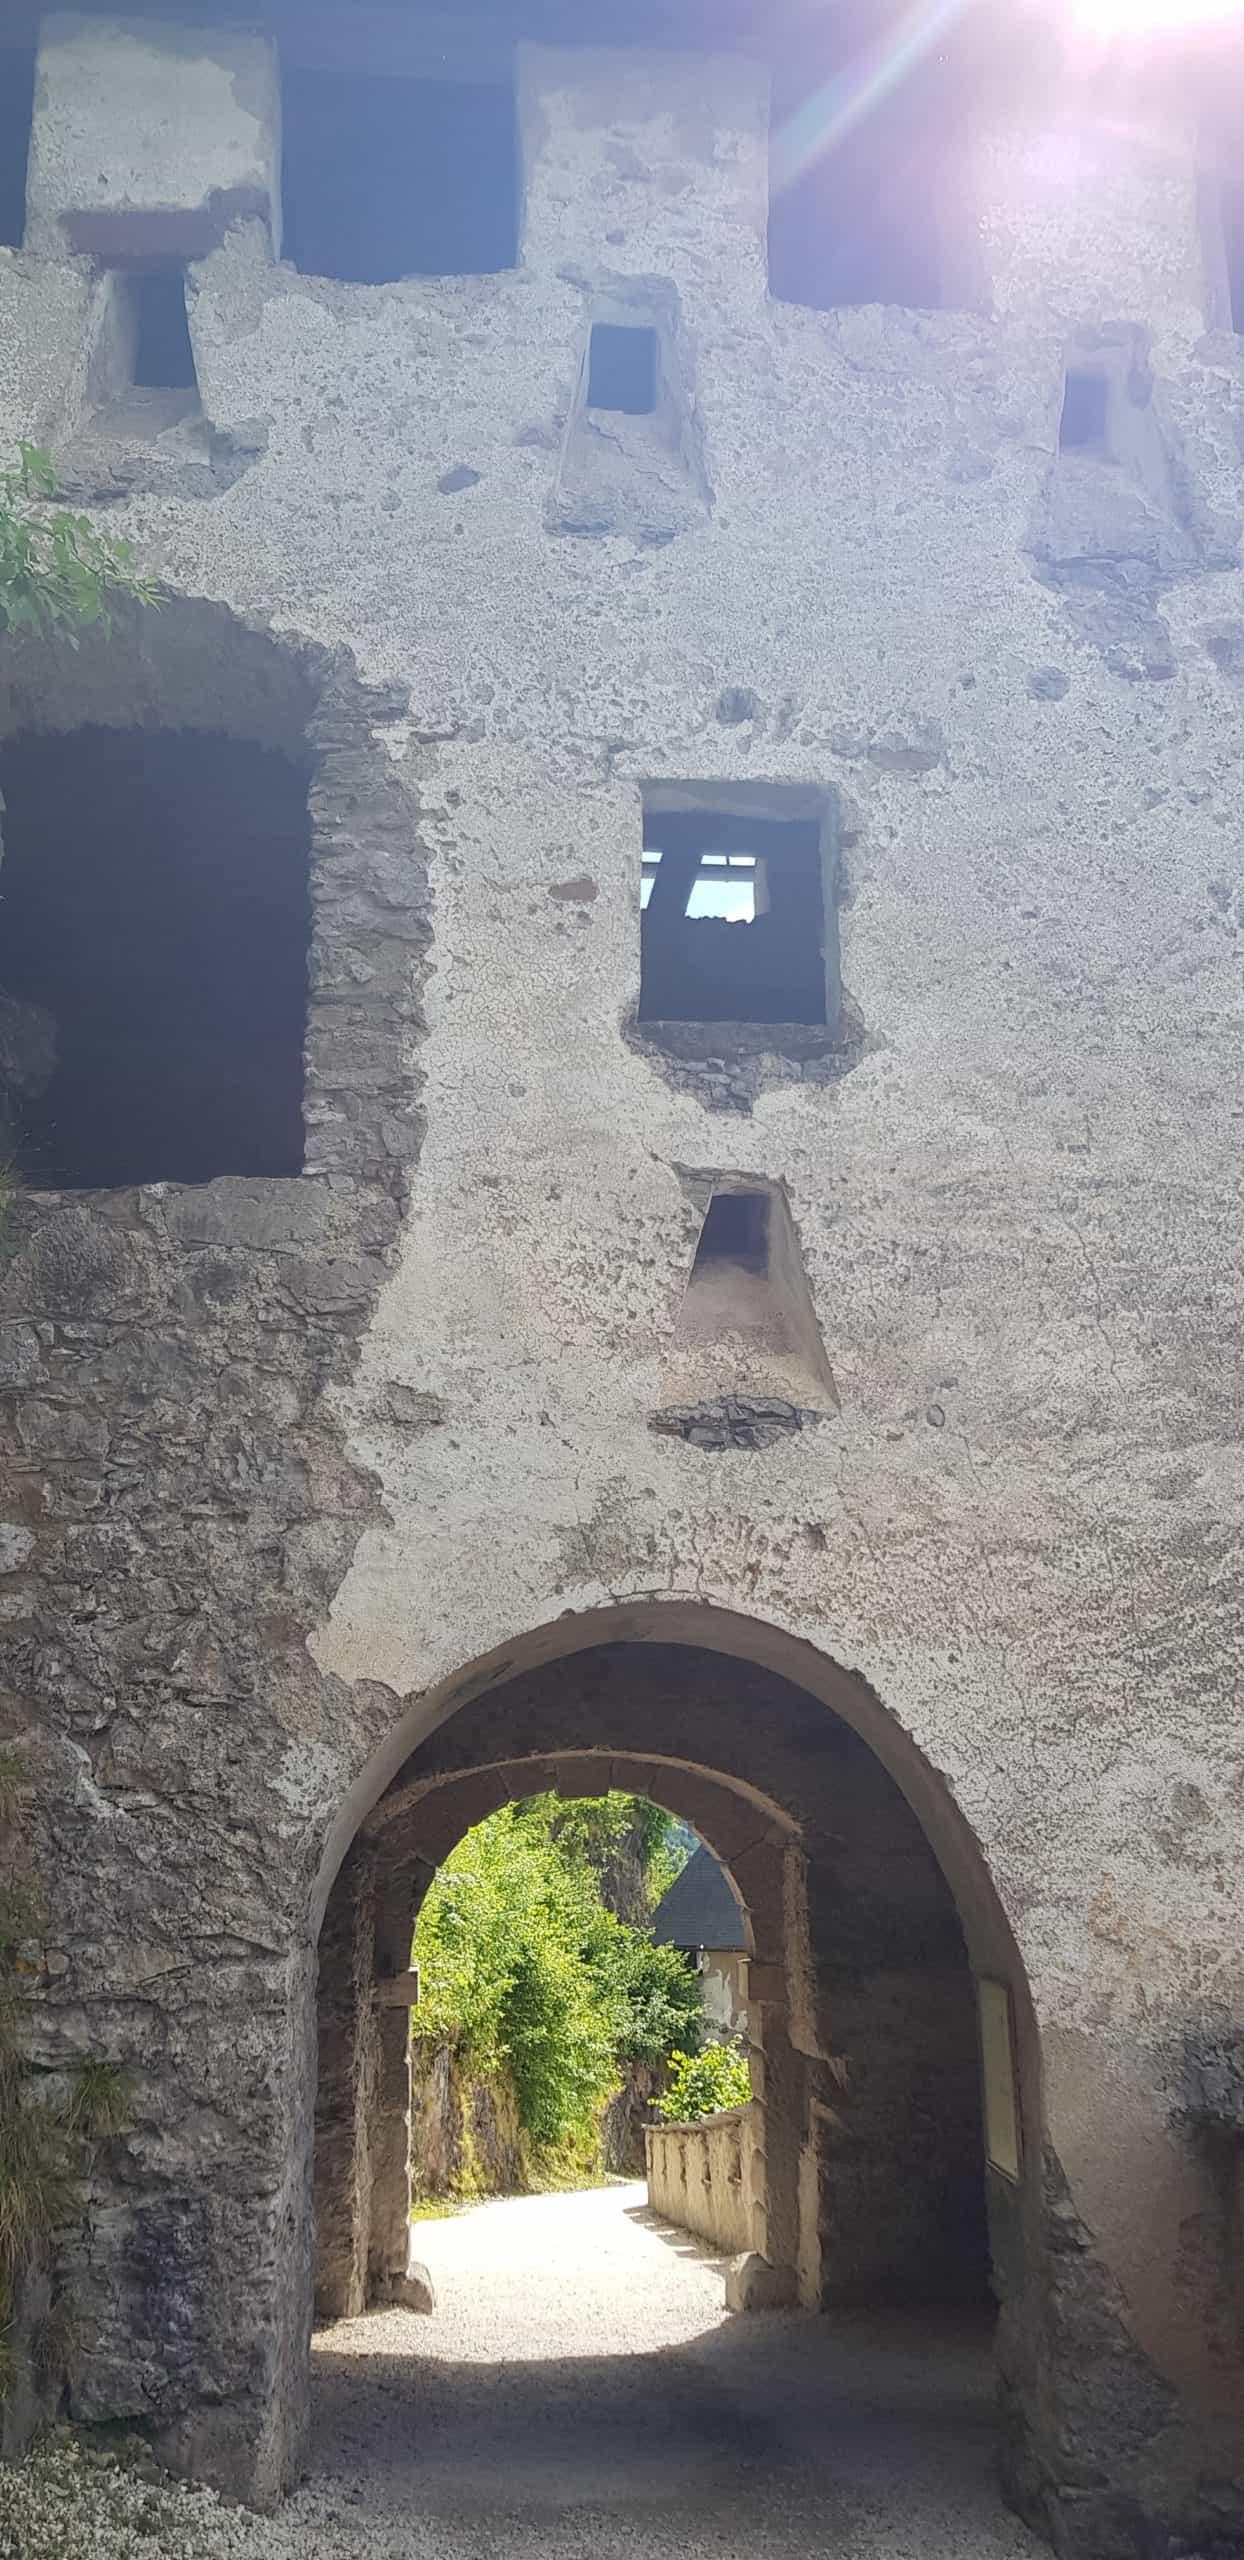 Aufgang Burg Hochosterwitz durch Waffentor - Mittelalter-Ausflugsziele in Kärnten, Österreich.